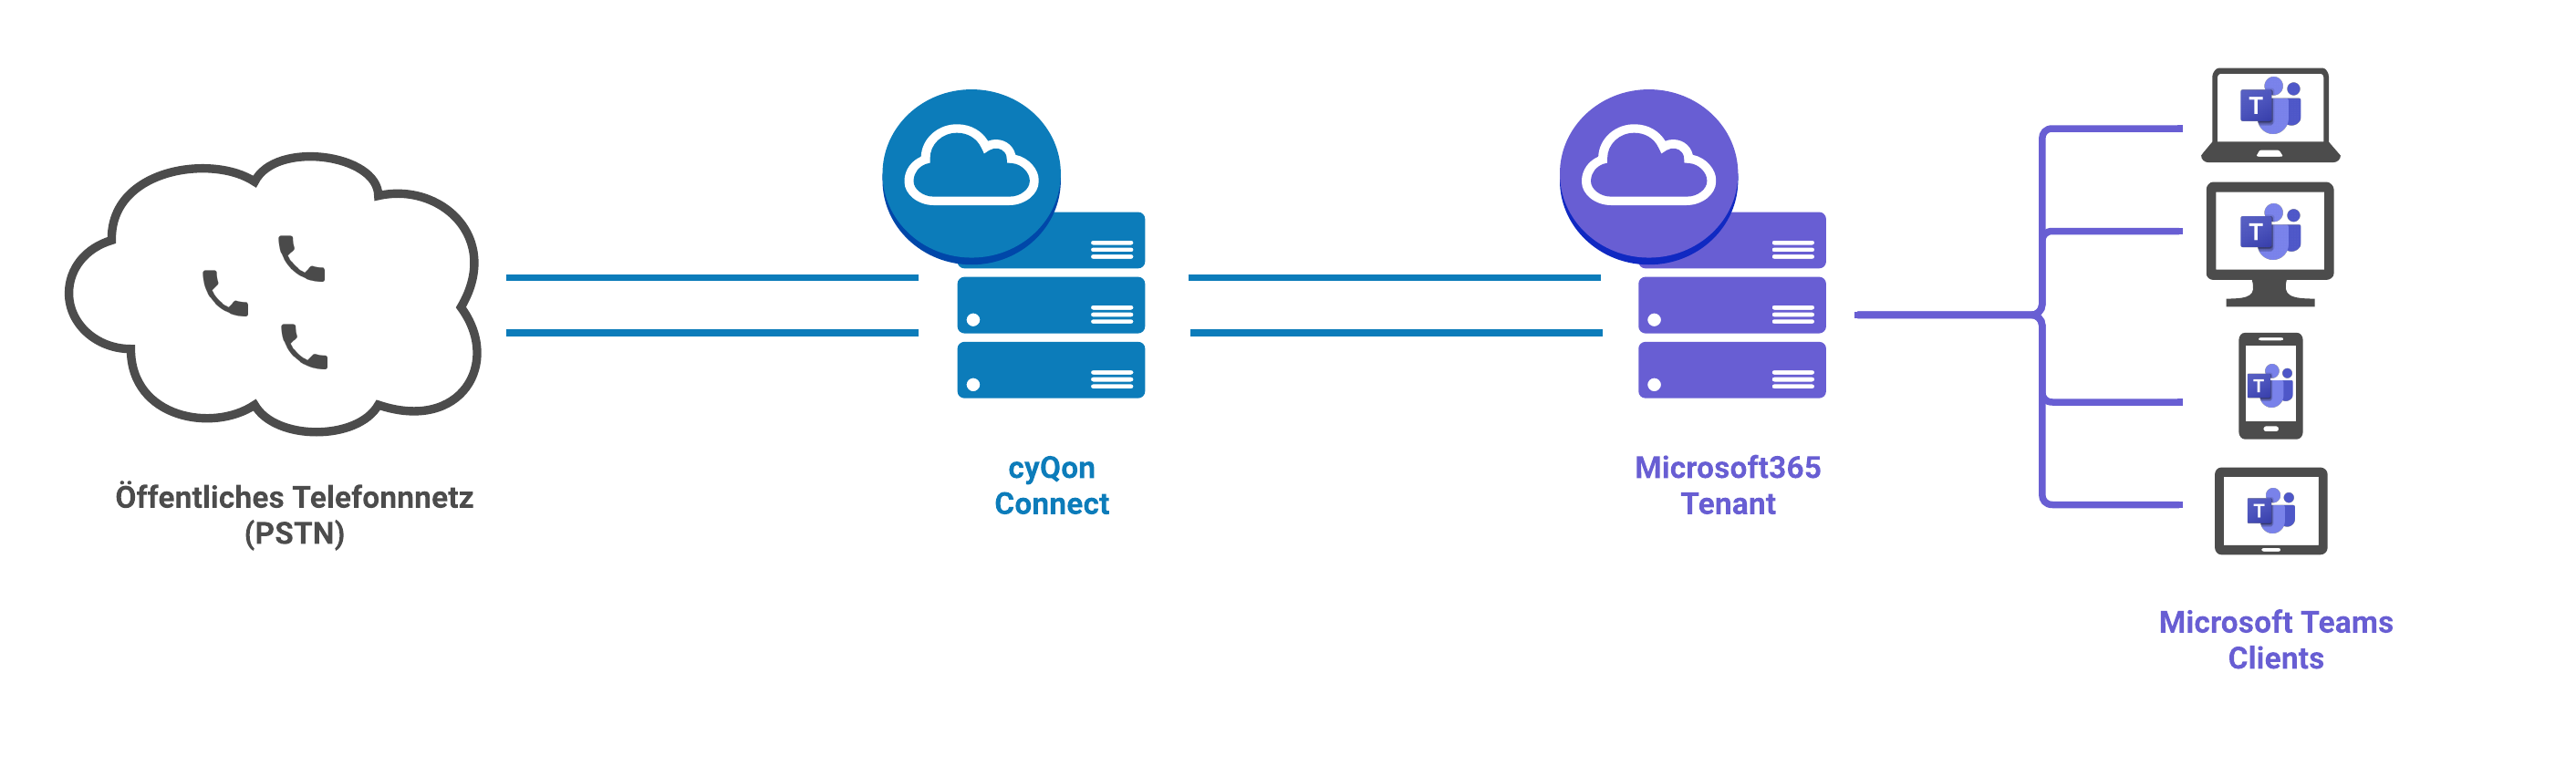 cyQon Connect